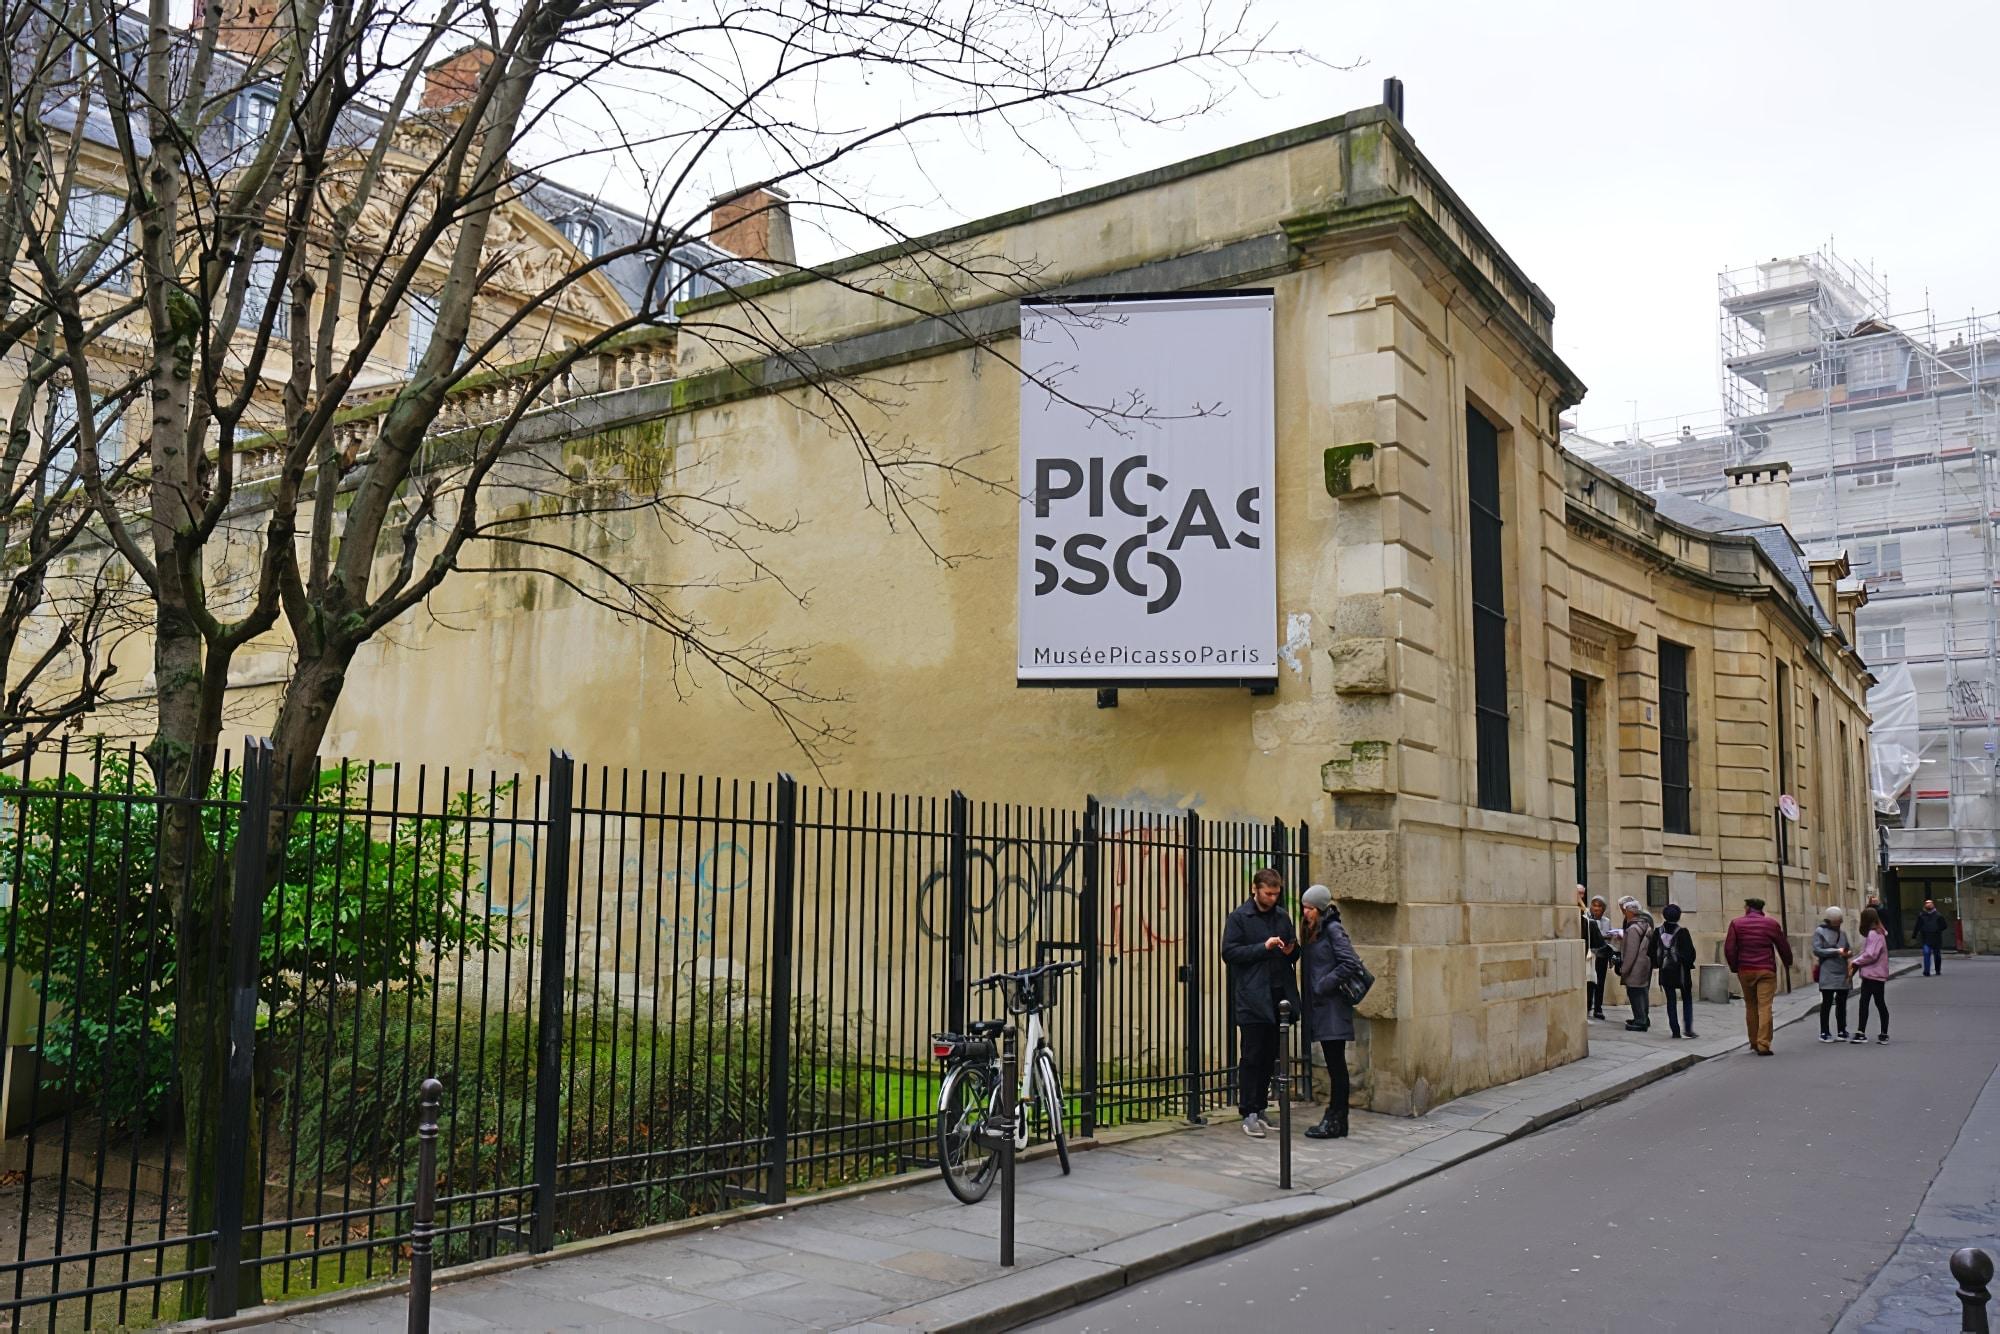 Visiter le Musée Picasso à Paris : billets, tarifs, horaires